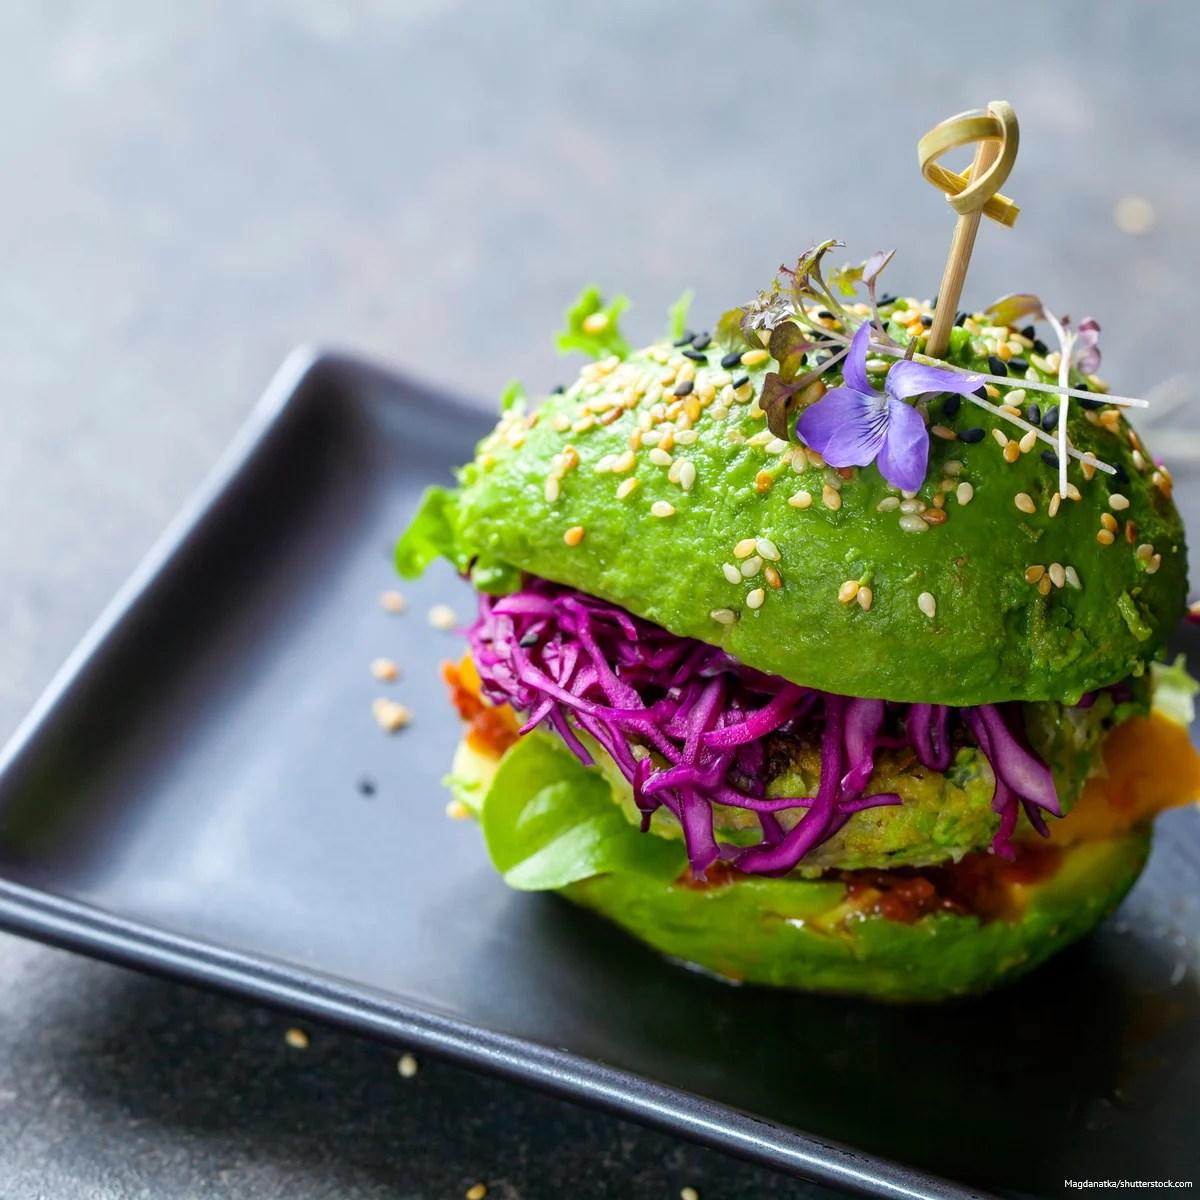 Ein veganer Burger. Lerne die Denkfehler kennen, die Veganer in Bezug auf Vitamin B12 machen.